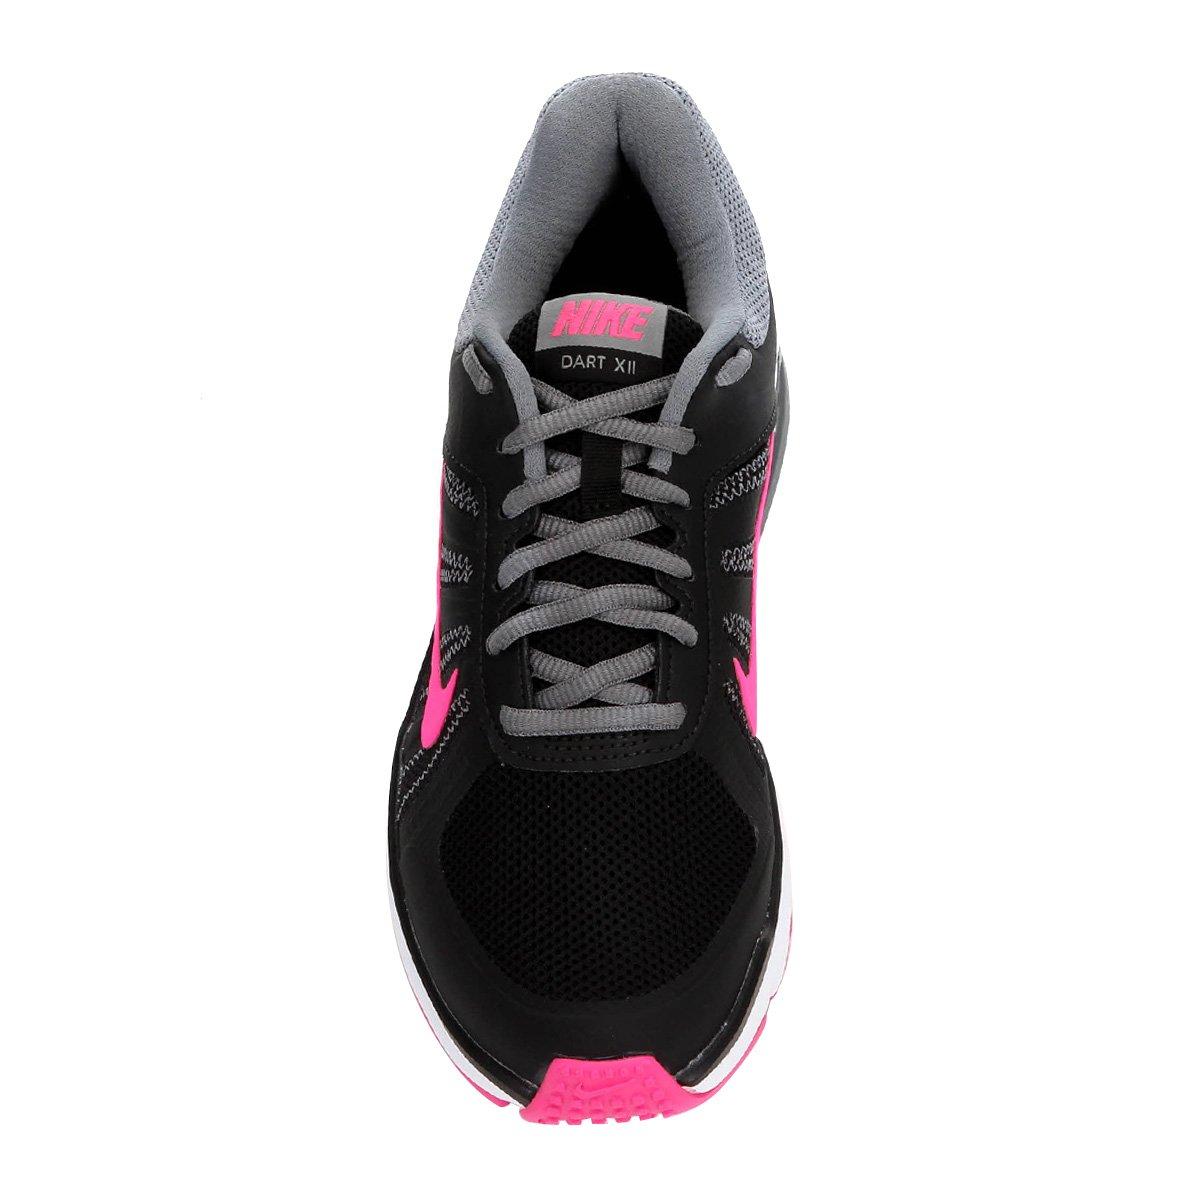 675a70970bcec Tênis Nike Dart 12 MSL Feminino Preto e Pink - Compre Agora